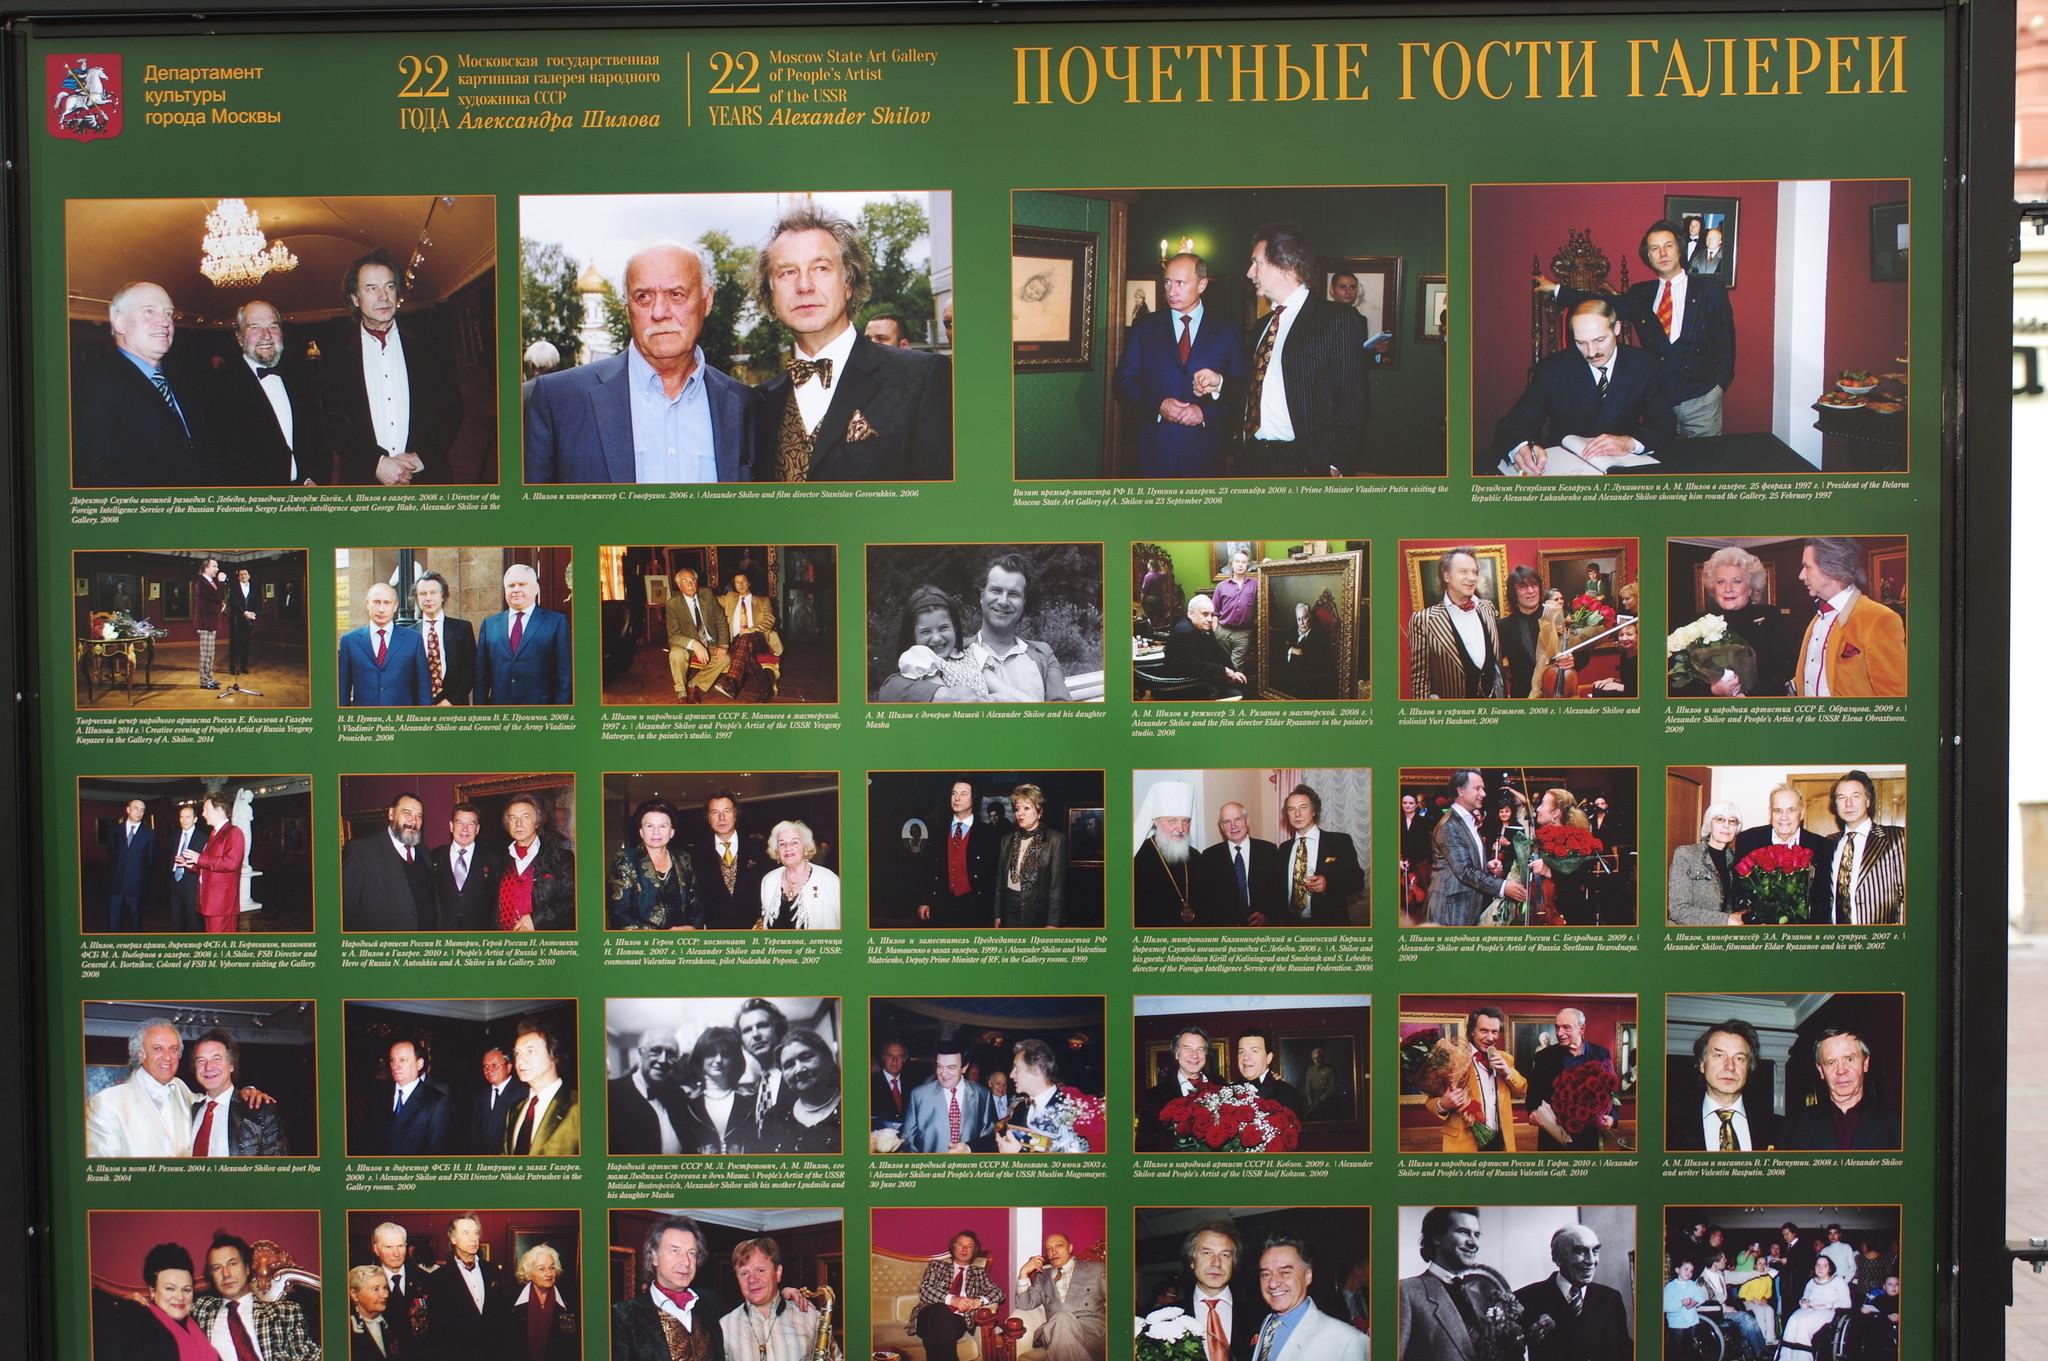 Выставка портретов выдающихся деятелей театра в творчестве Народного художника СССР, академика РАХ А.М. Шилова на Арбате